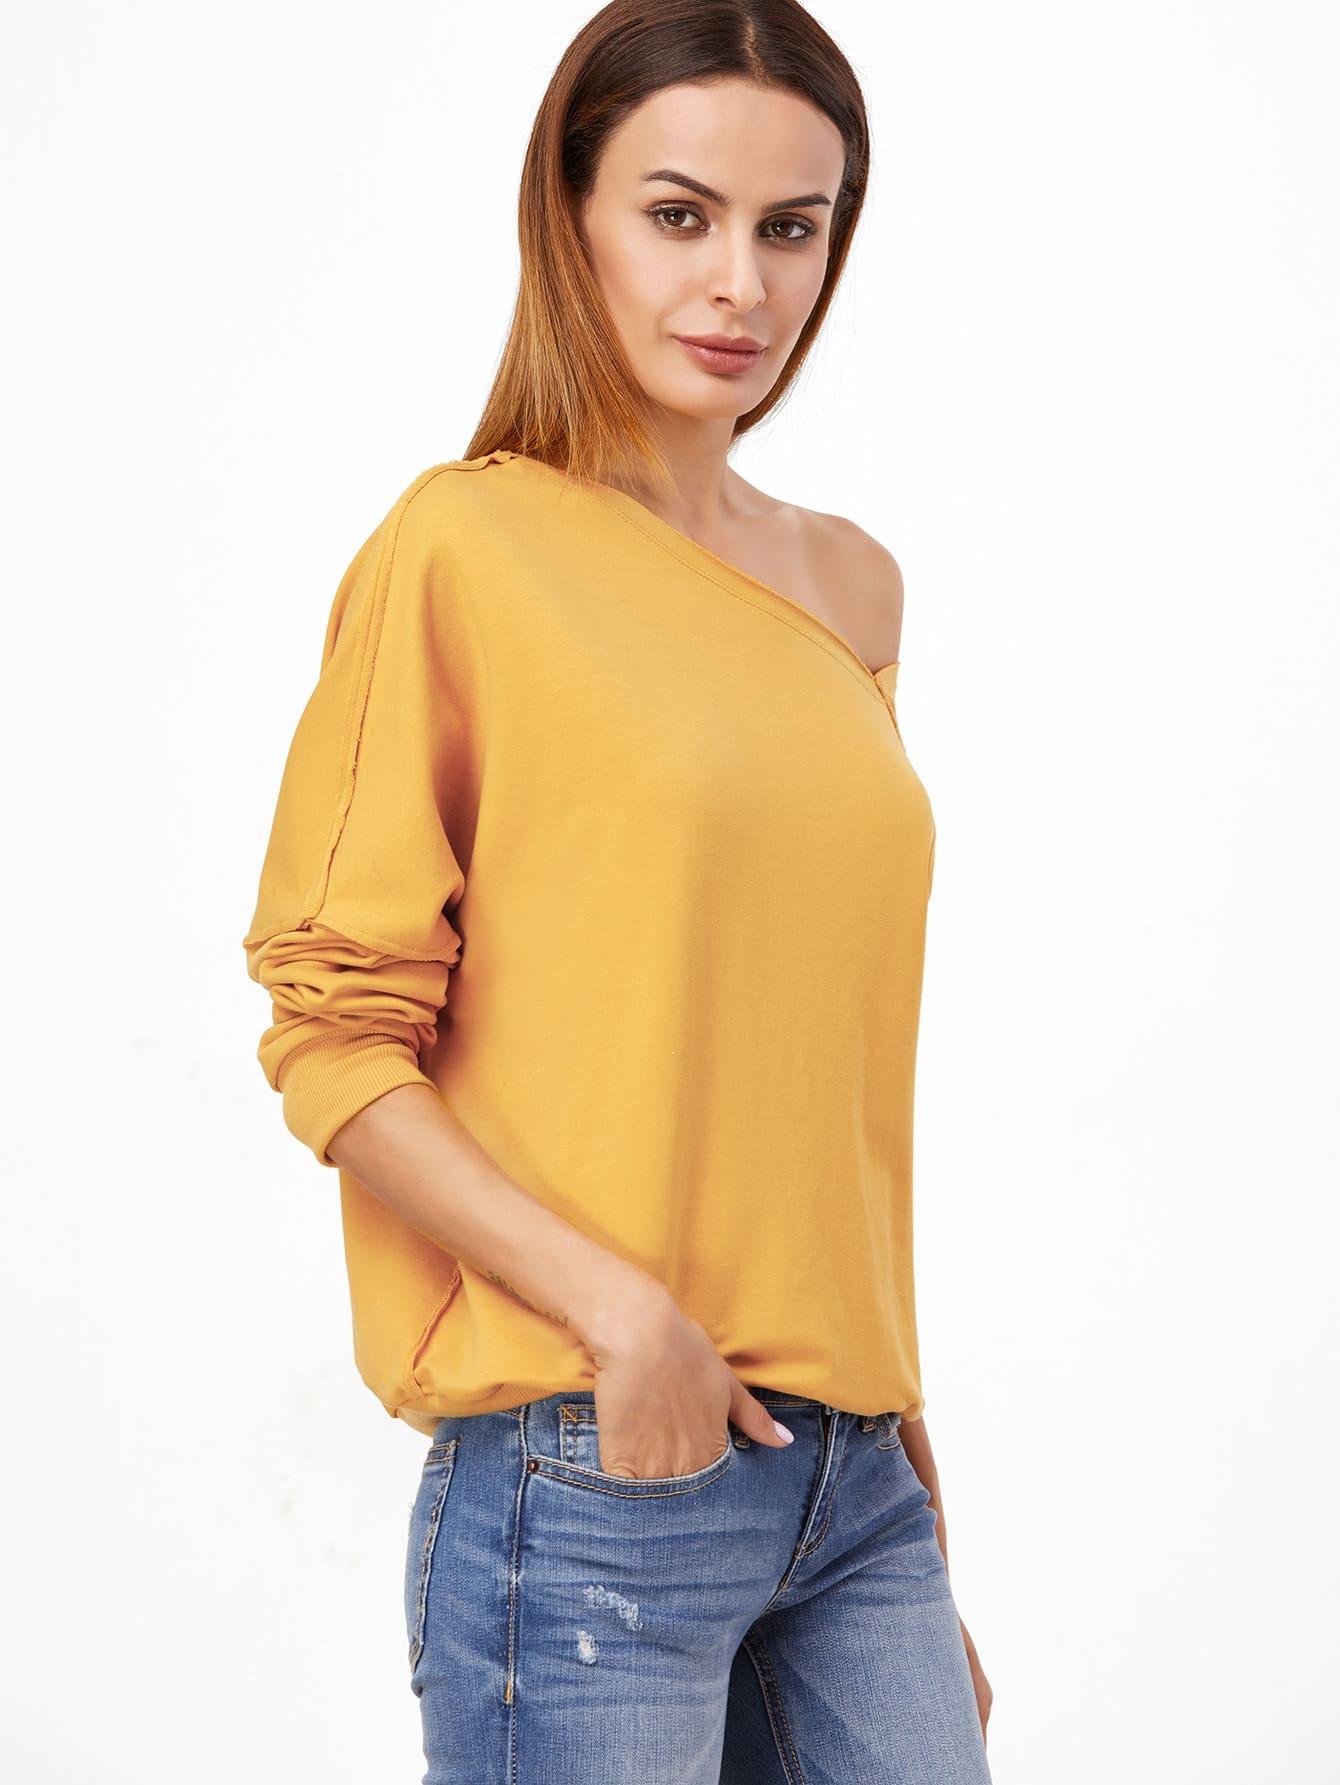 sweatshirt161111703_2